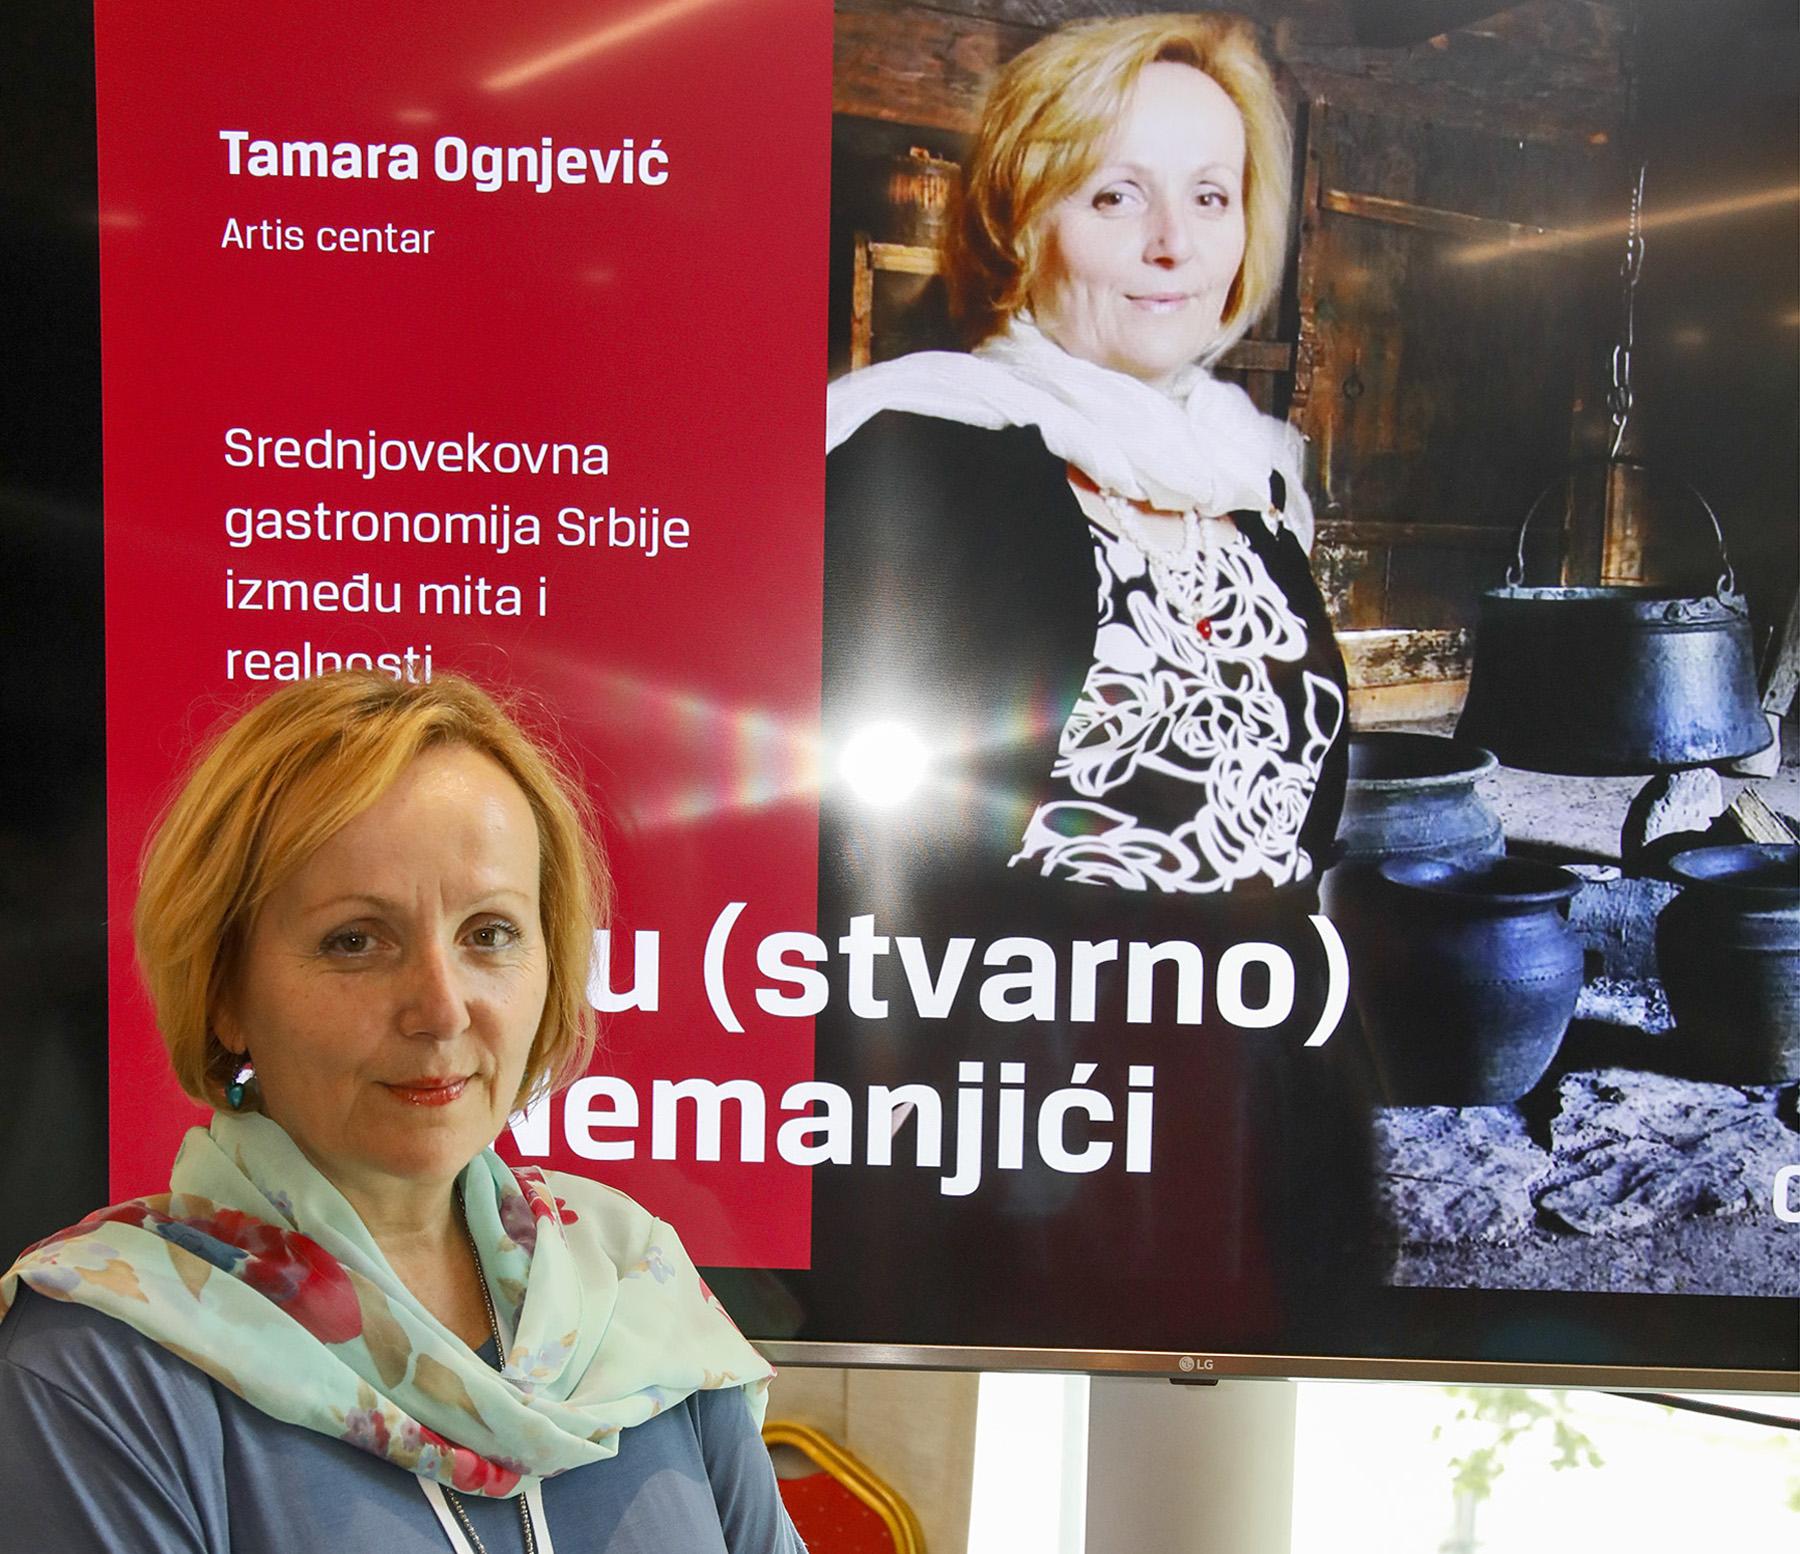 Ognjevic Tamara Foto R. Hadzic